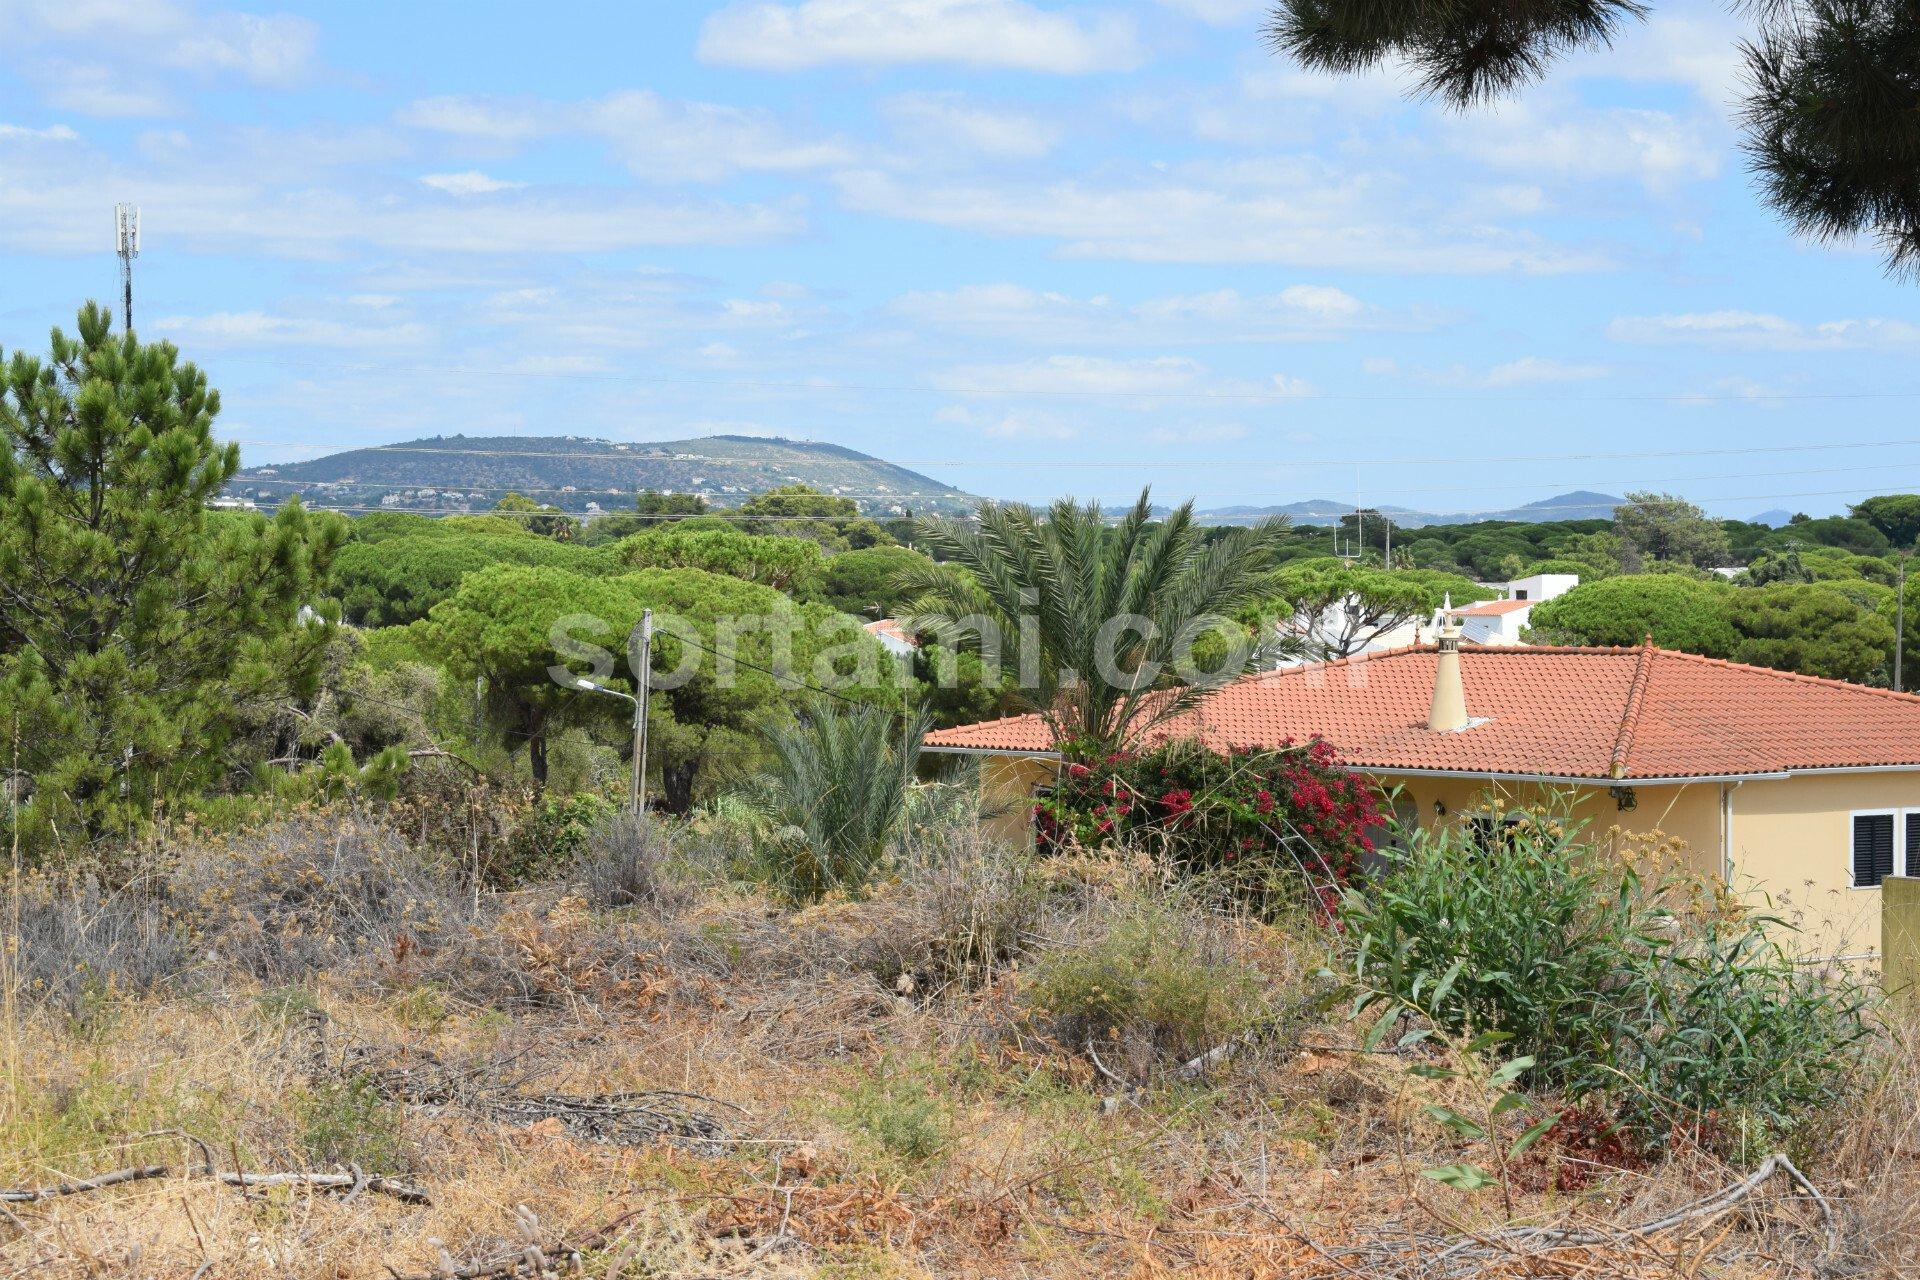 Land in Quarteira, Algarve, Portugal 1